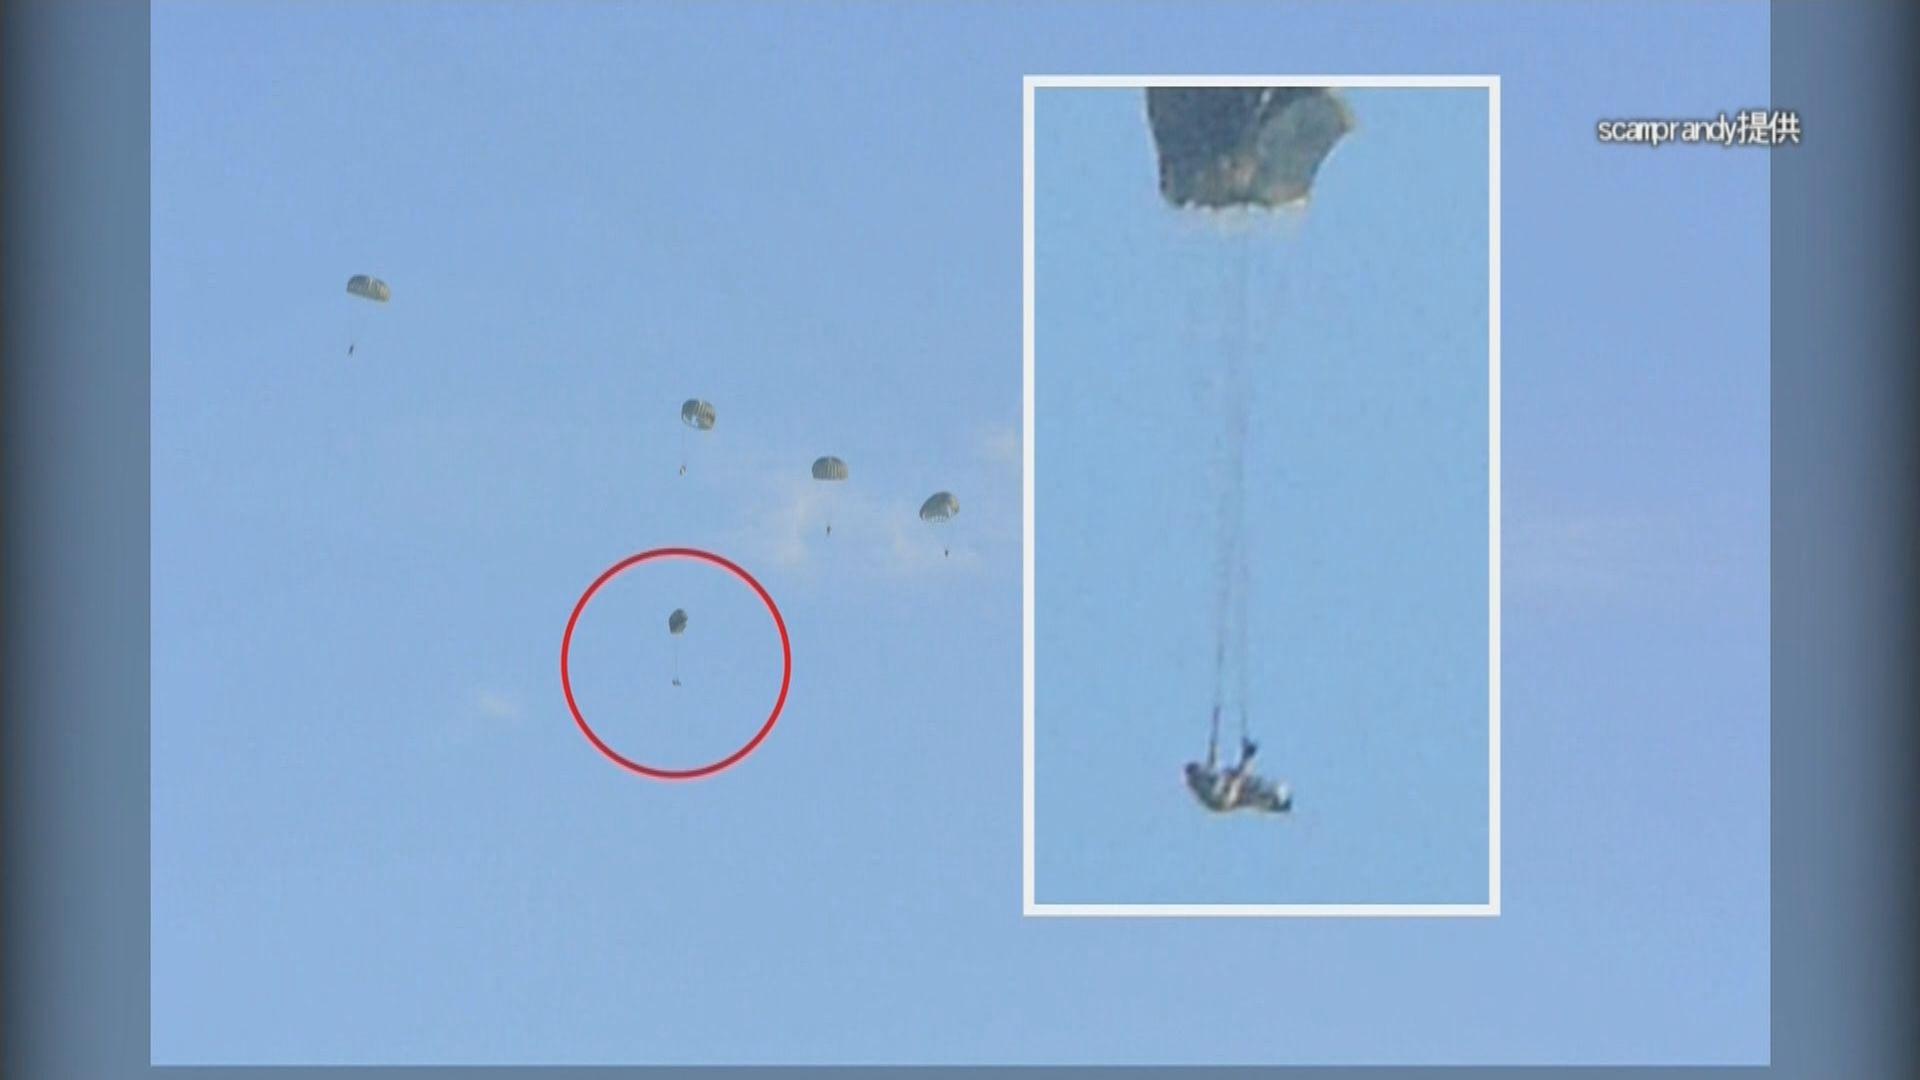 台灣軍方兩名傘兵訓練時墮地受傷